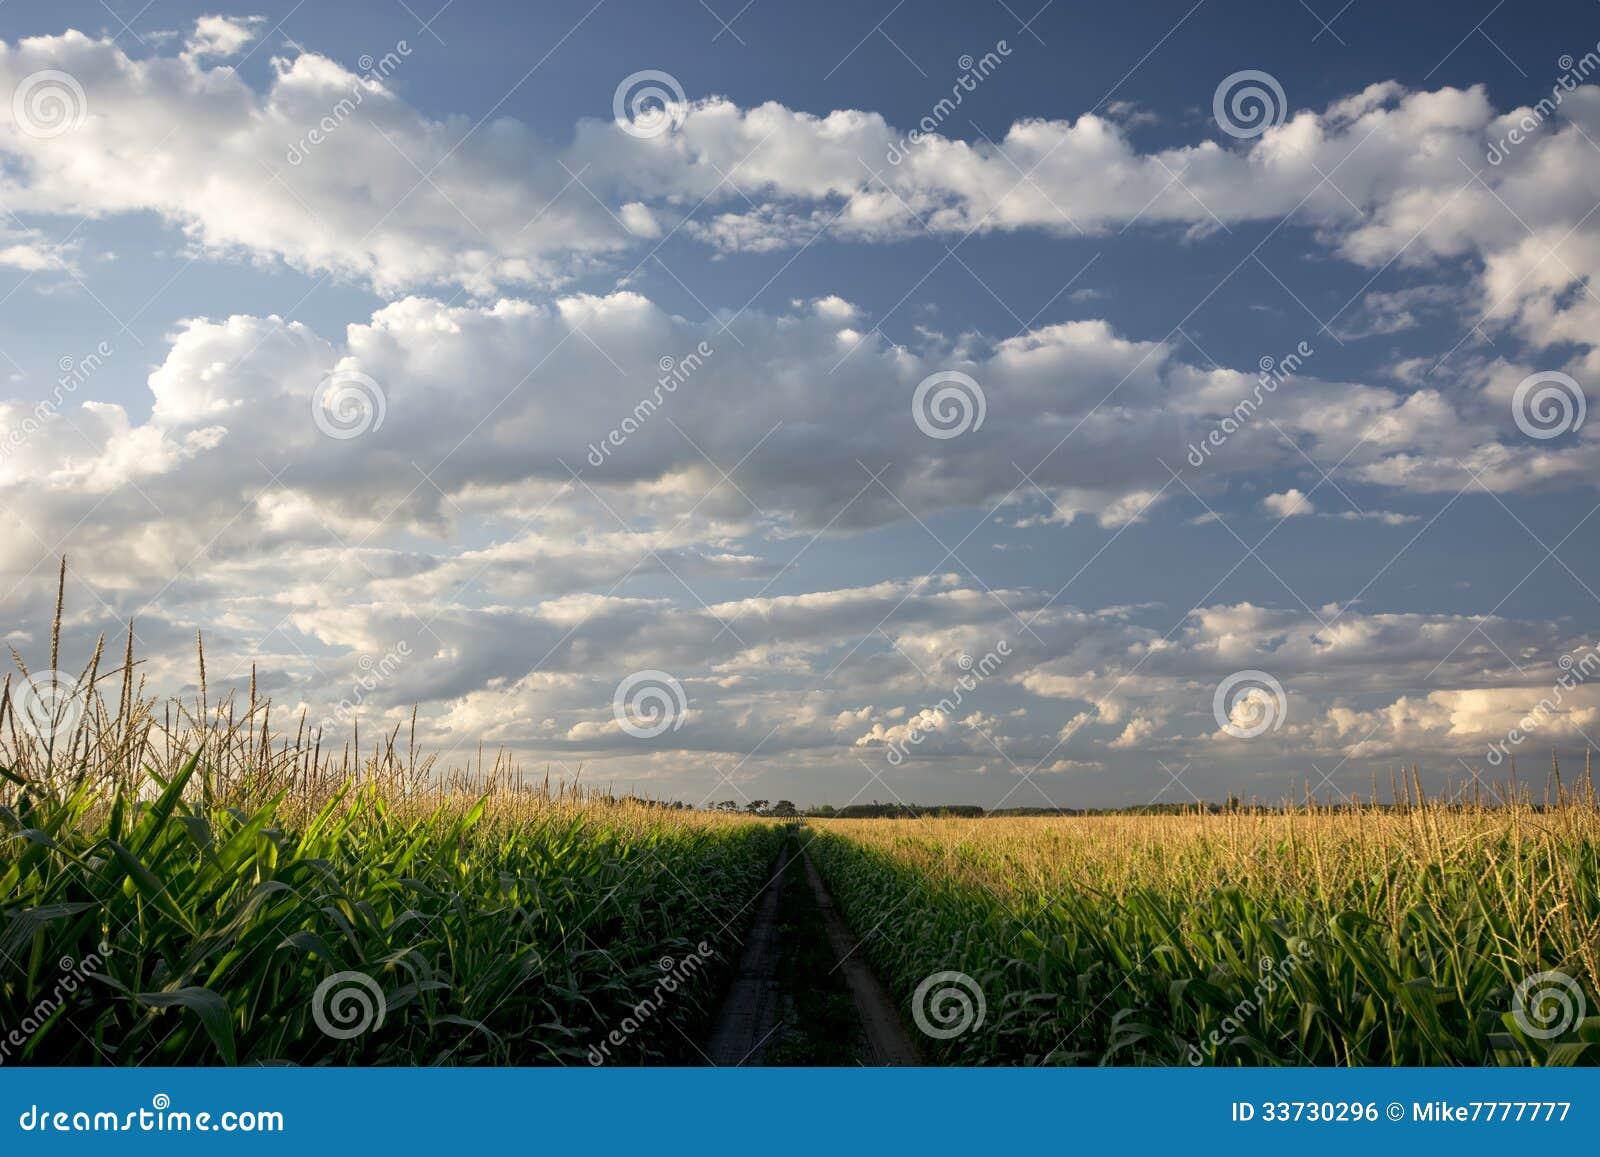 Заходящее солнце над кукурузным полем и грязной улицей, Midwest, США